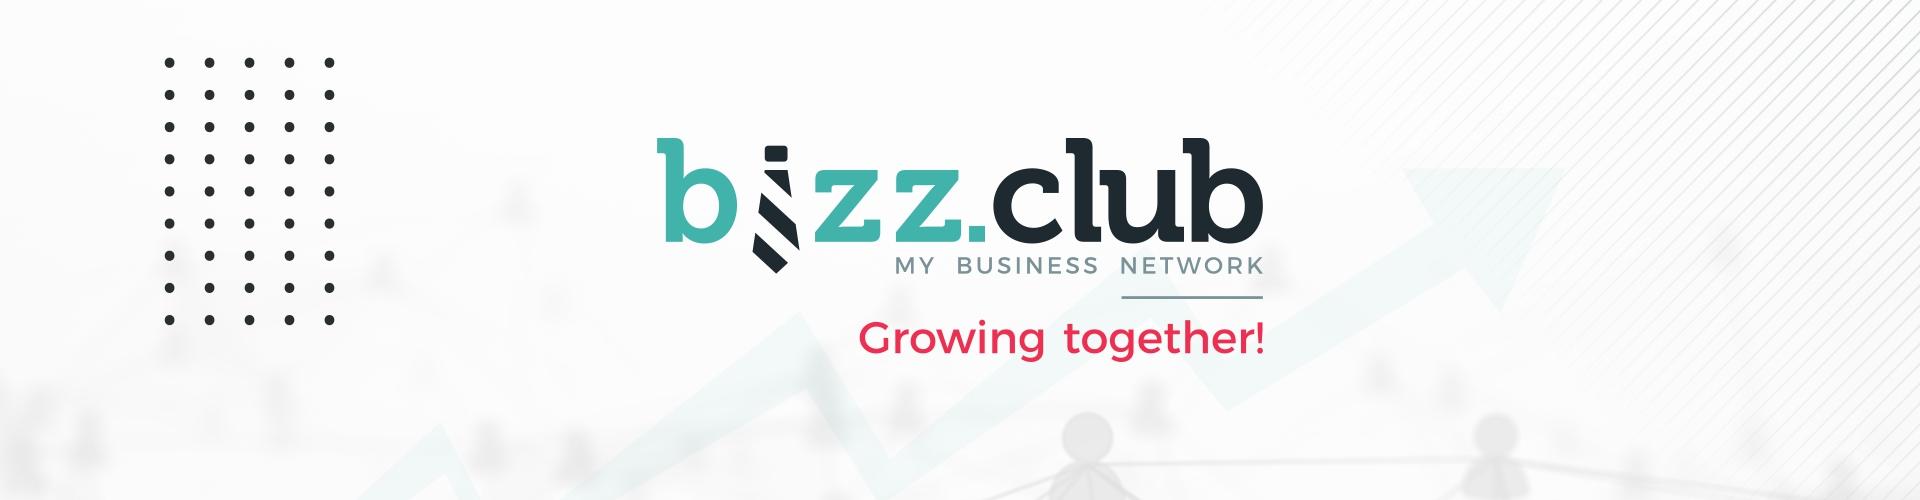 rebranding bizz.club